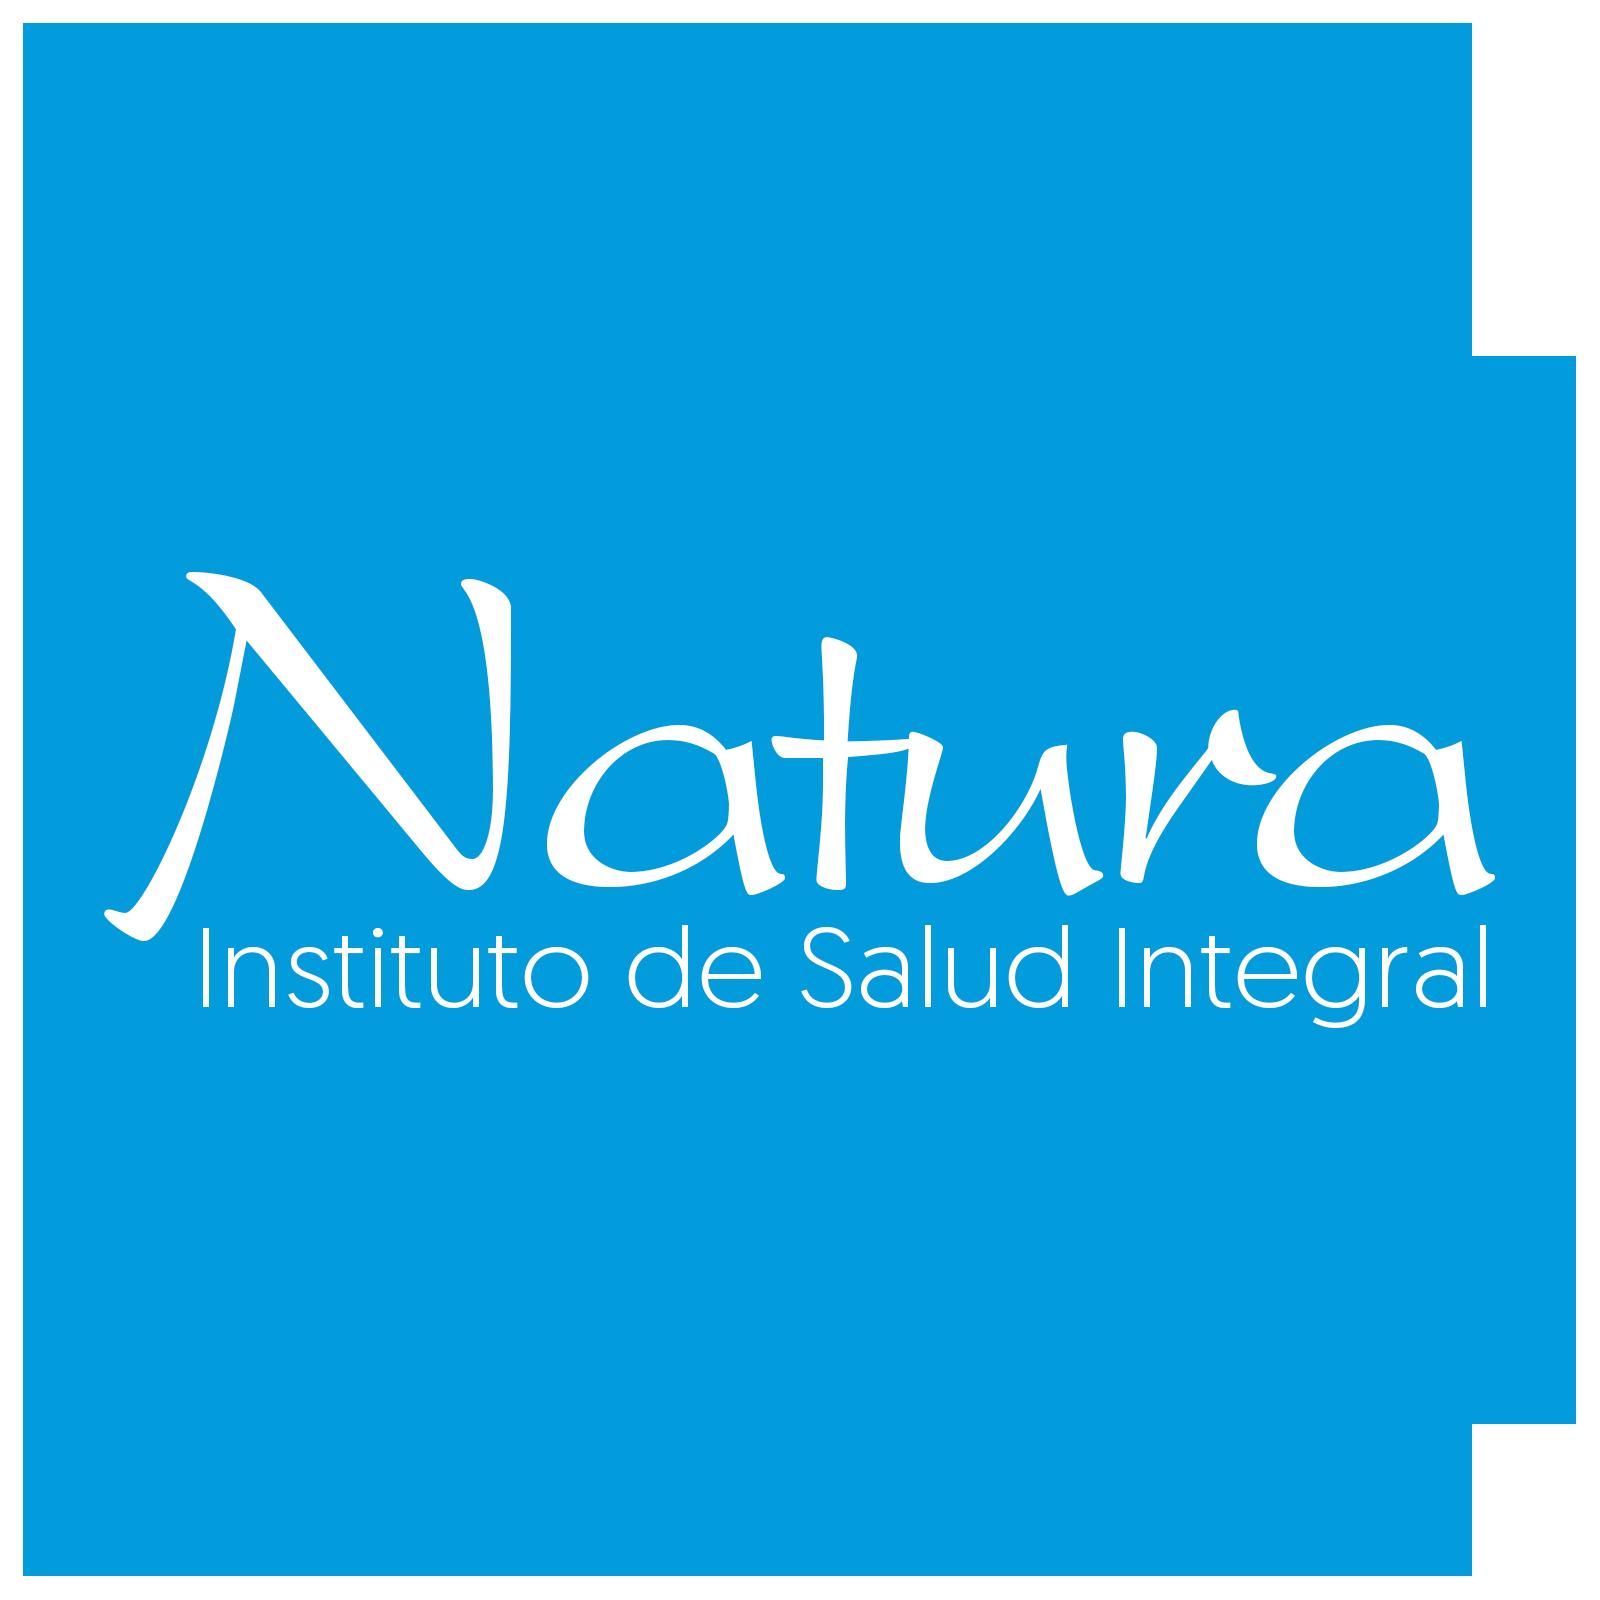 Natura Instituto